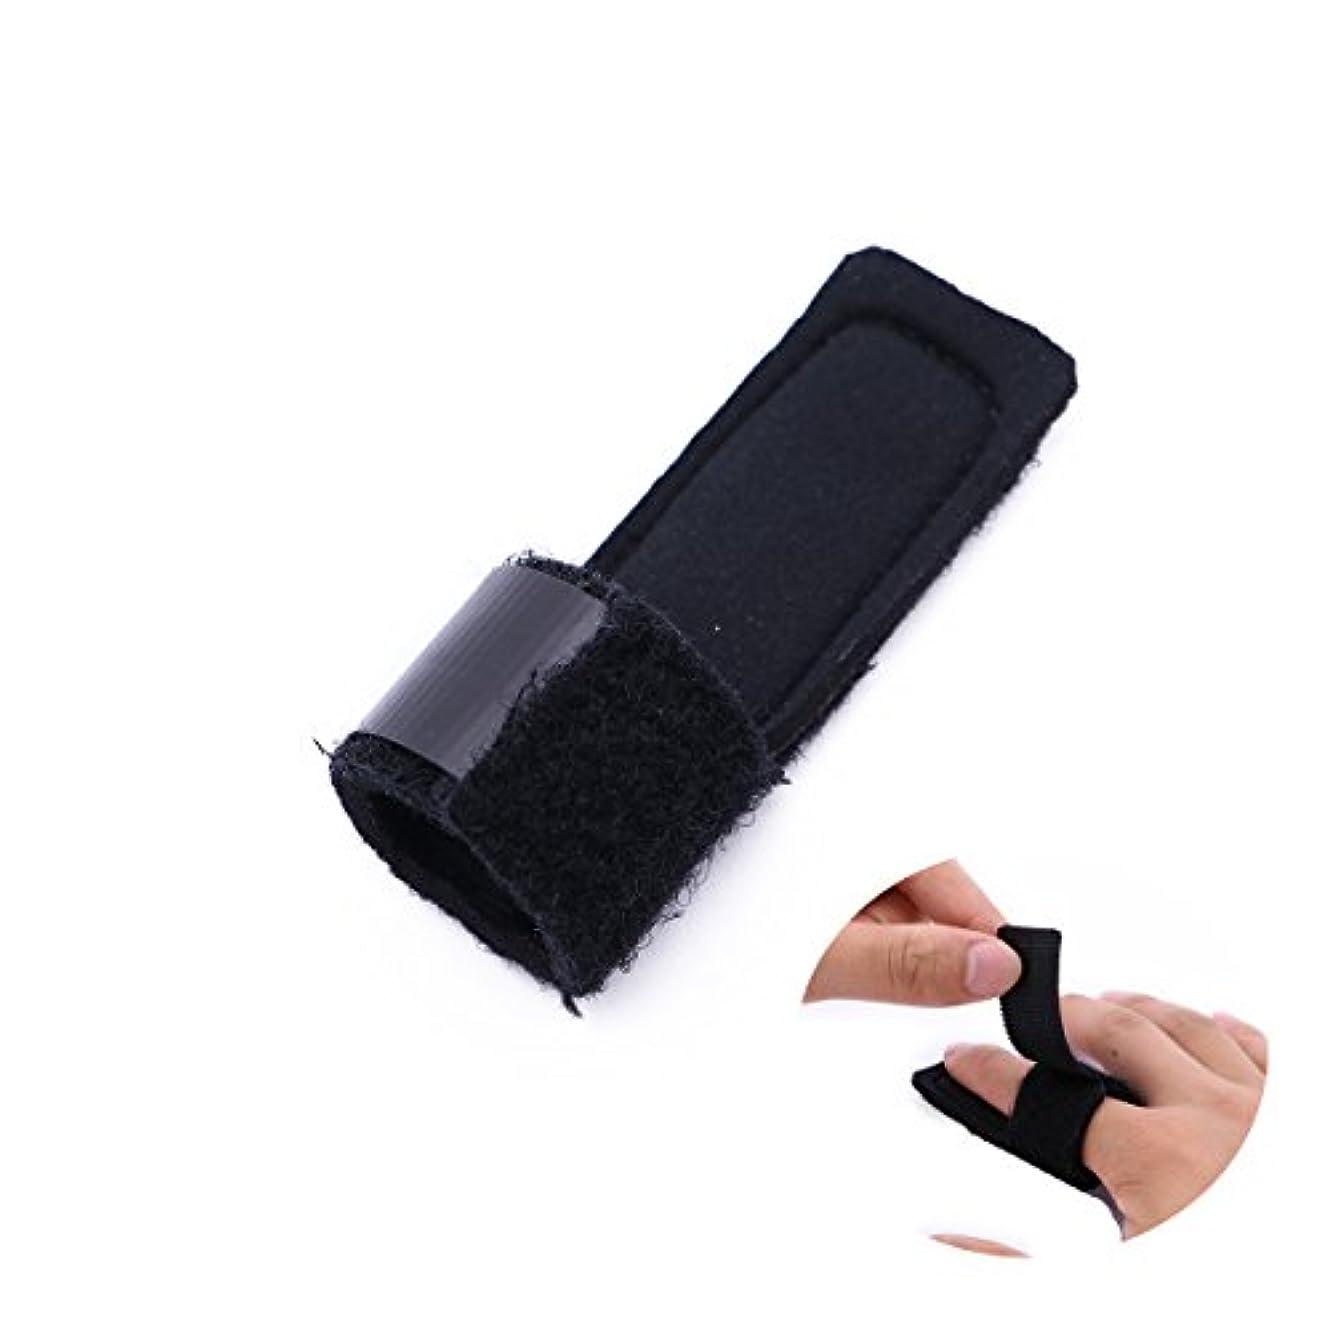 勇気偽善者ここにSUPVOX 指の添え木マレット指の支柱の引き金のための骨折の接合箇所の添え木プロテクター